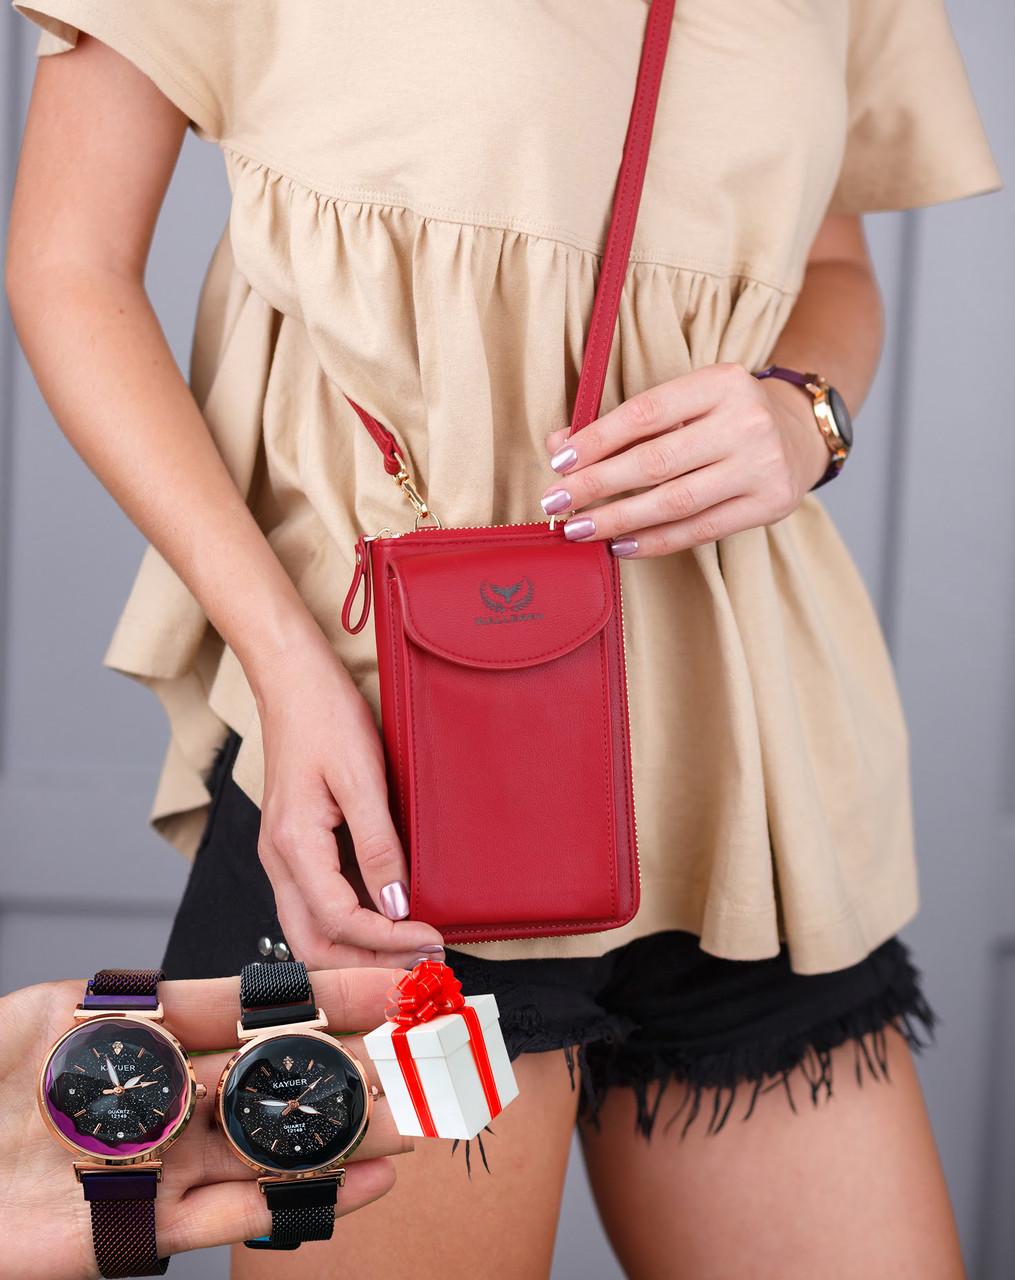 Сумка клатч с карманом для телефона + часы в подарок